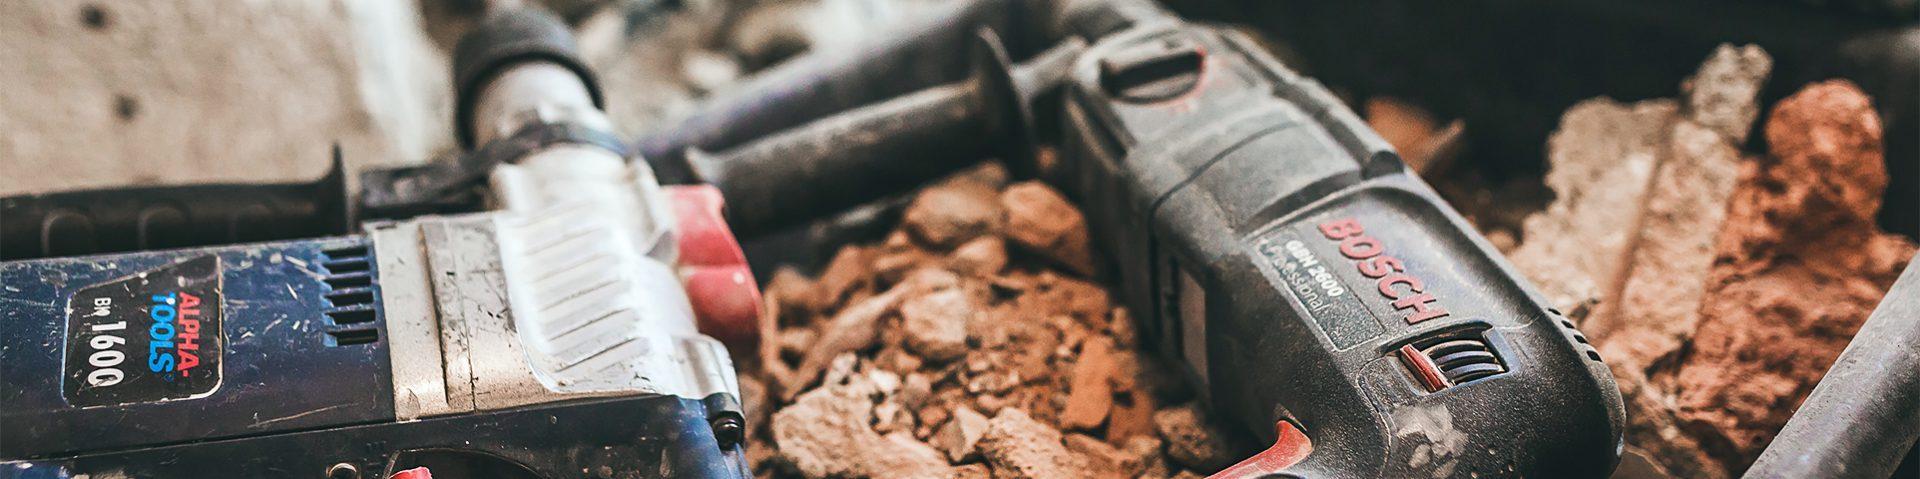 Kustannustehokasta perusparannusta korjausrakentamisen ammattilaisilta. TRT toteuttaa!